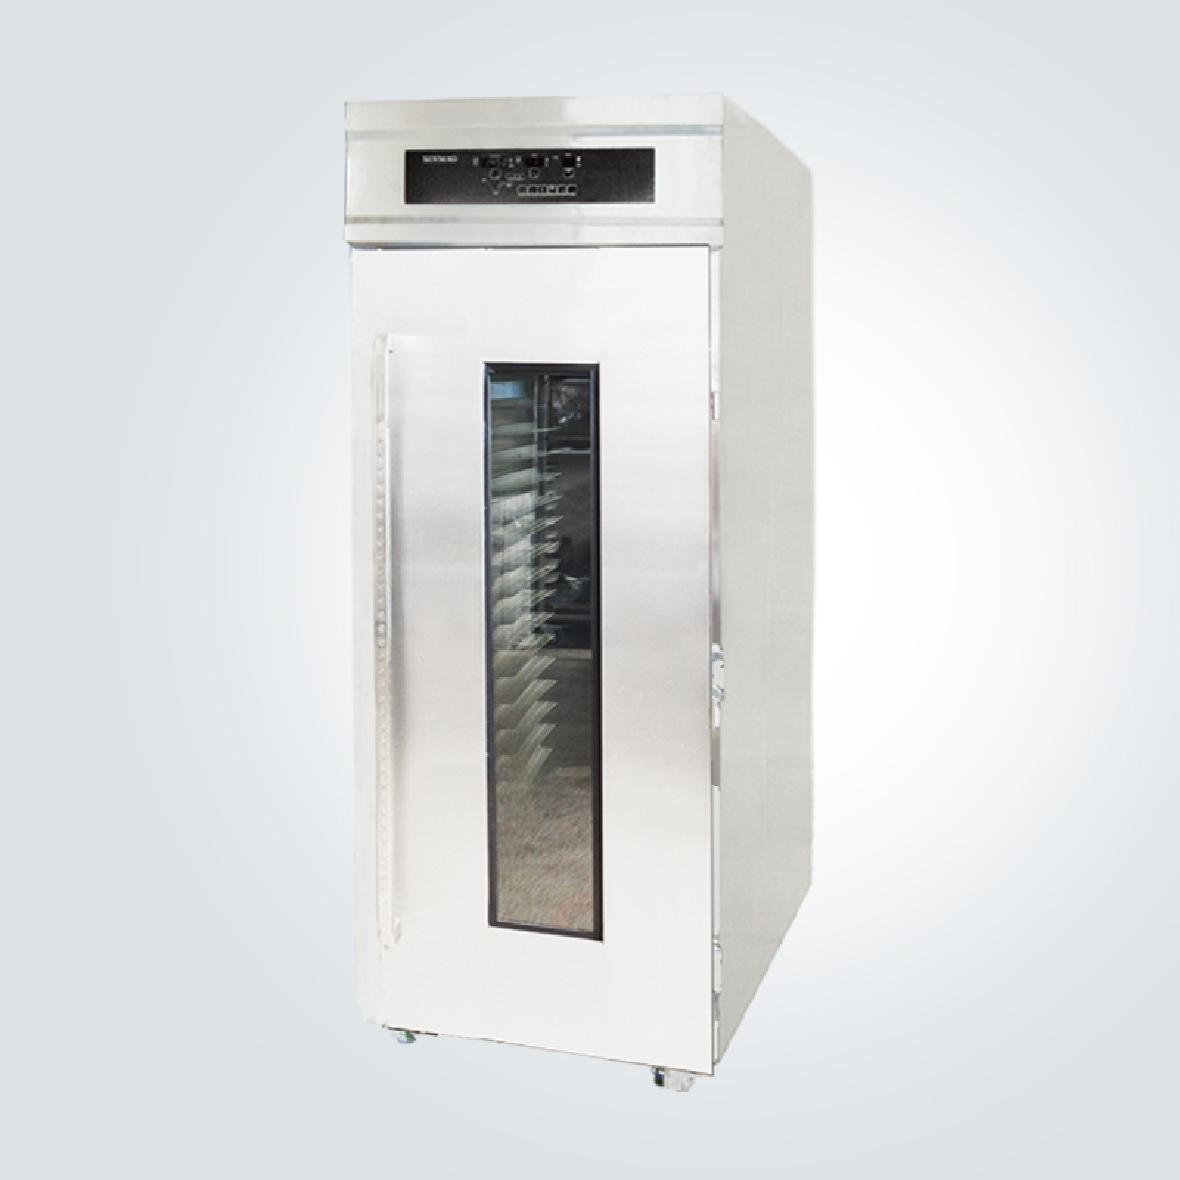 凍藏醒發箱 LG-36S